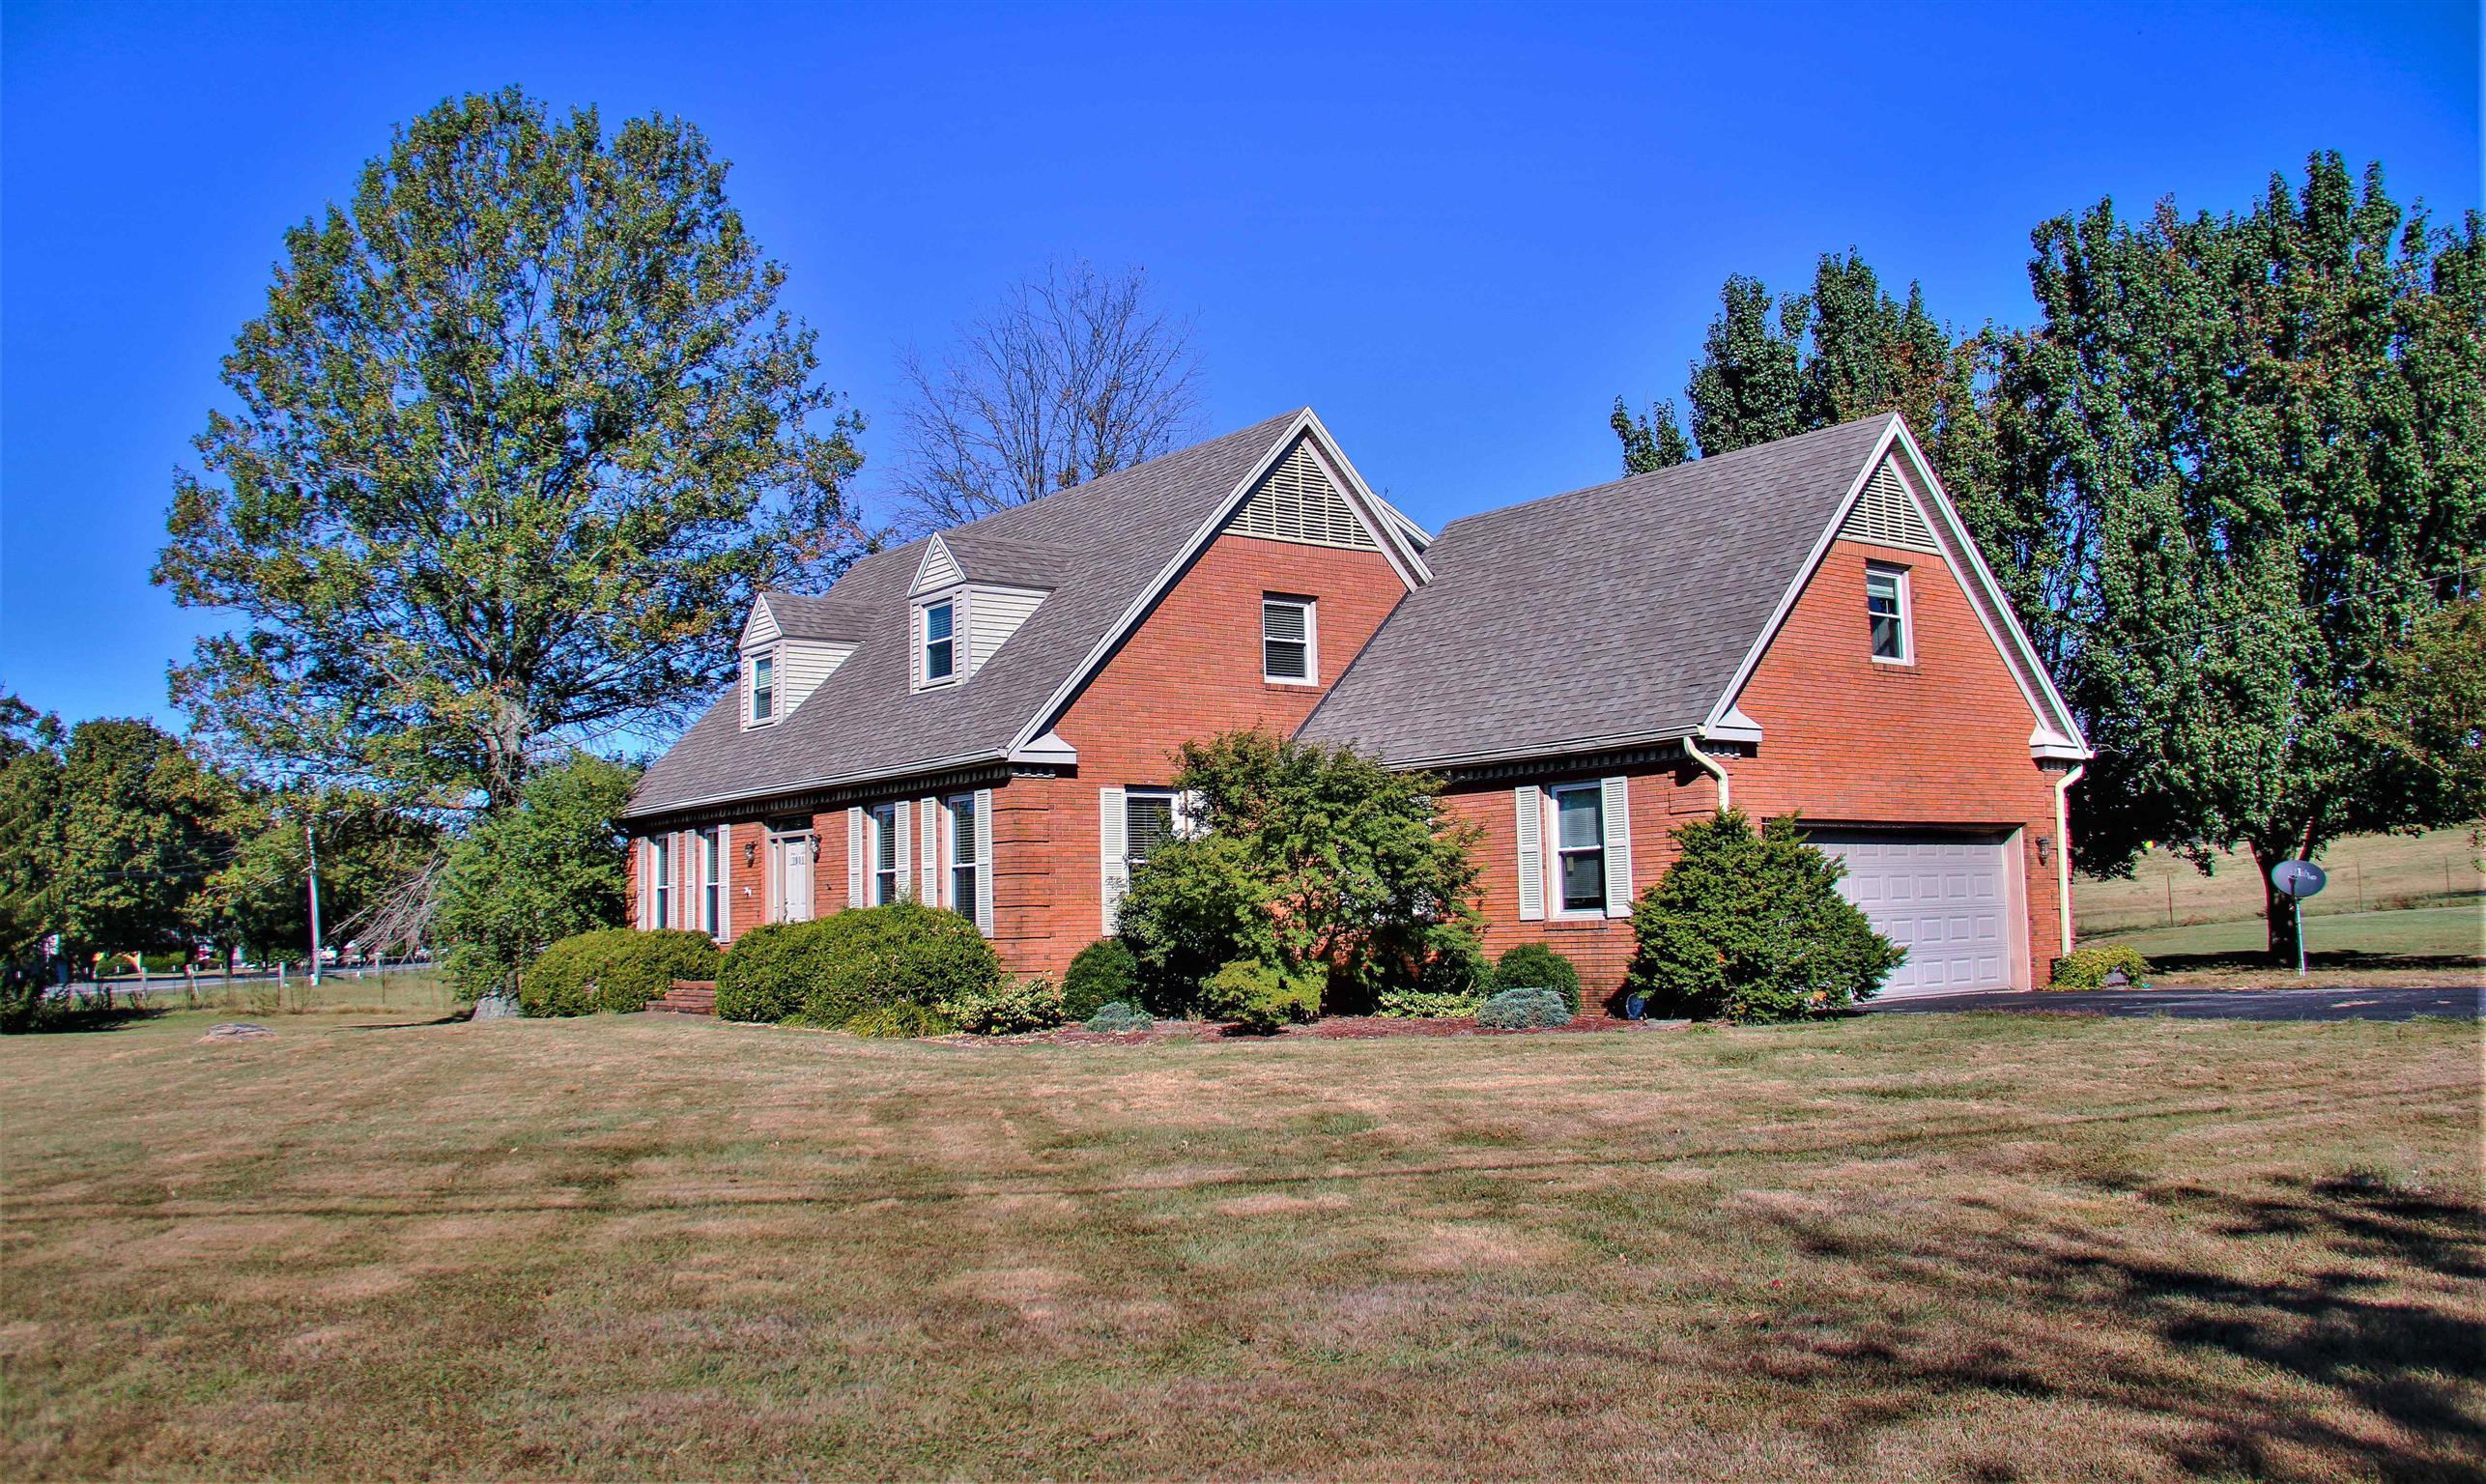 3000 Princeton Rd, Hopkinsville, KY 42240 - Hopkinsville, KY real estate listing